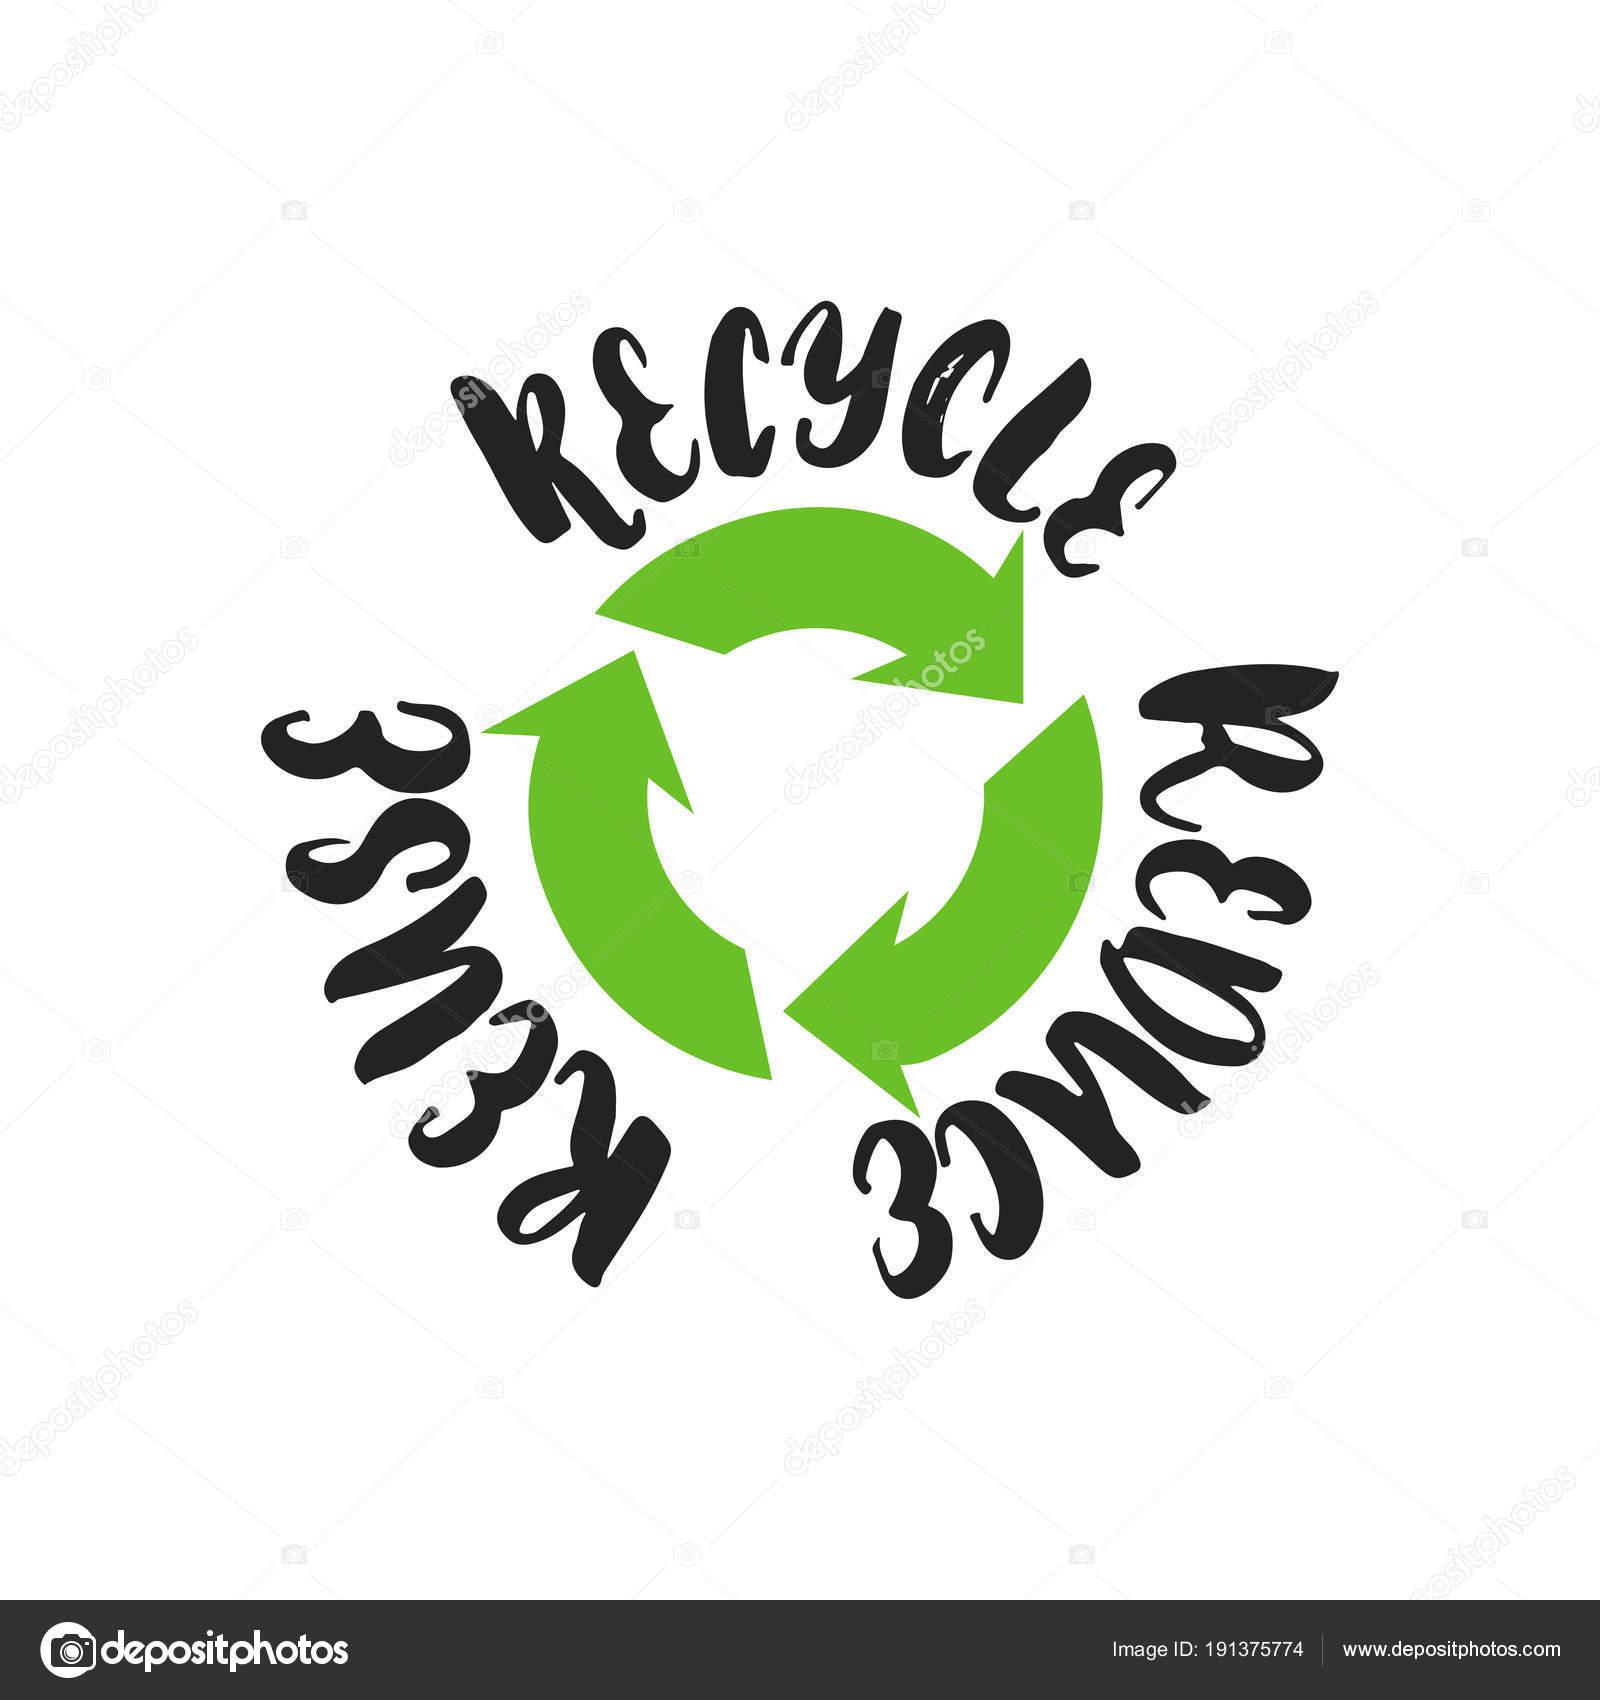 Palabras Sobre Reciclaje Reducir Reutilizar Reciclar